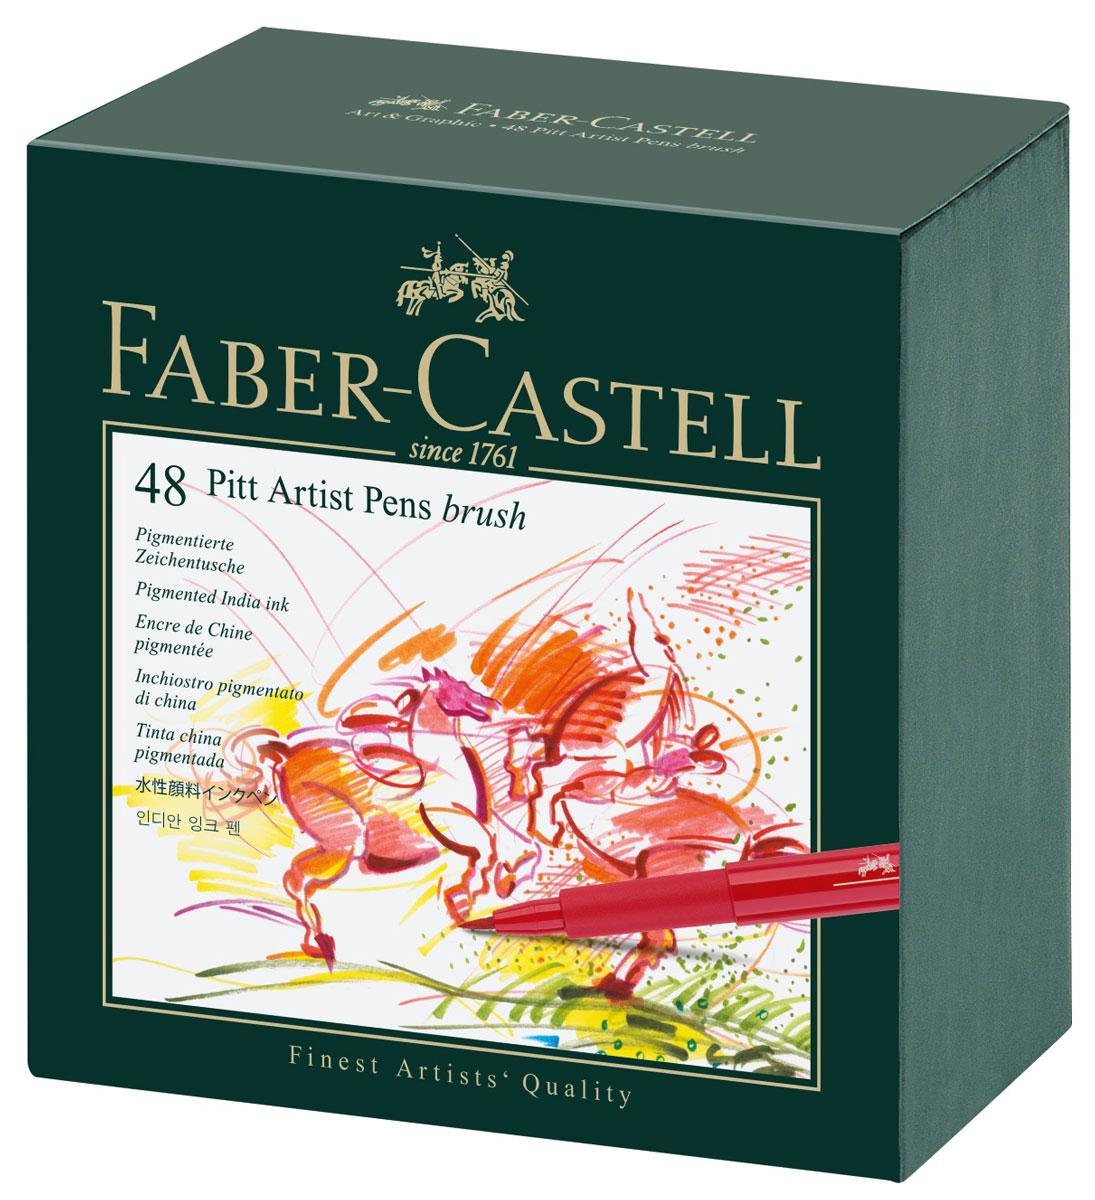 Капиллярные ручки Faber-Castell Pitt Artist Pen станут незаменимым атрибутом учебы или работы.  Корпус ручек выполнен из прочного пластика. Корпус выполнен в цвете чернил. Высококачественные PH-нейтральные чернила устойчивы к воздействию солнечных лучей, после высыхания не размазываются на бумаге. Ручки оснащены упругим клипом для удобной фиксации на бумаге или одежде. Набор упакован в практичную коробку с откидывающейся крышкой. В коробке предусмотрена специальная лента, потянув за которую, выезжают четыре полочки с цветными ручками. В наборе 48 ручек разного цвета.